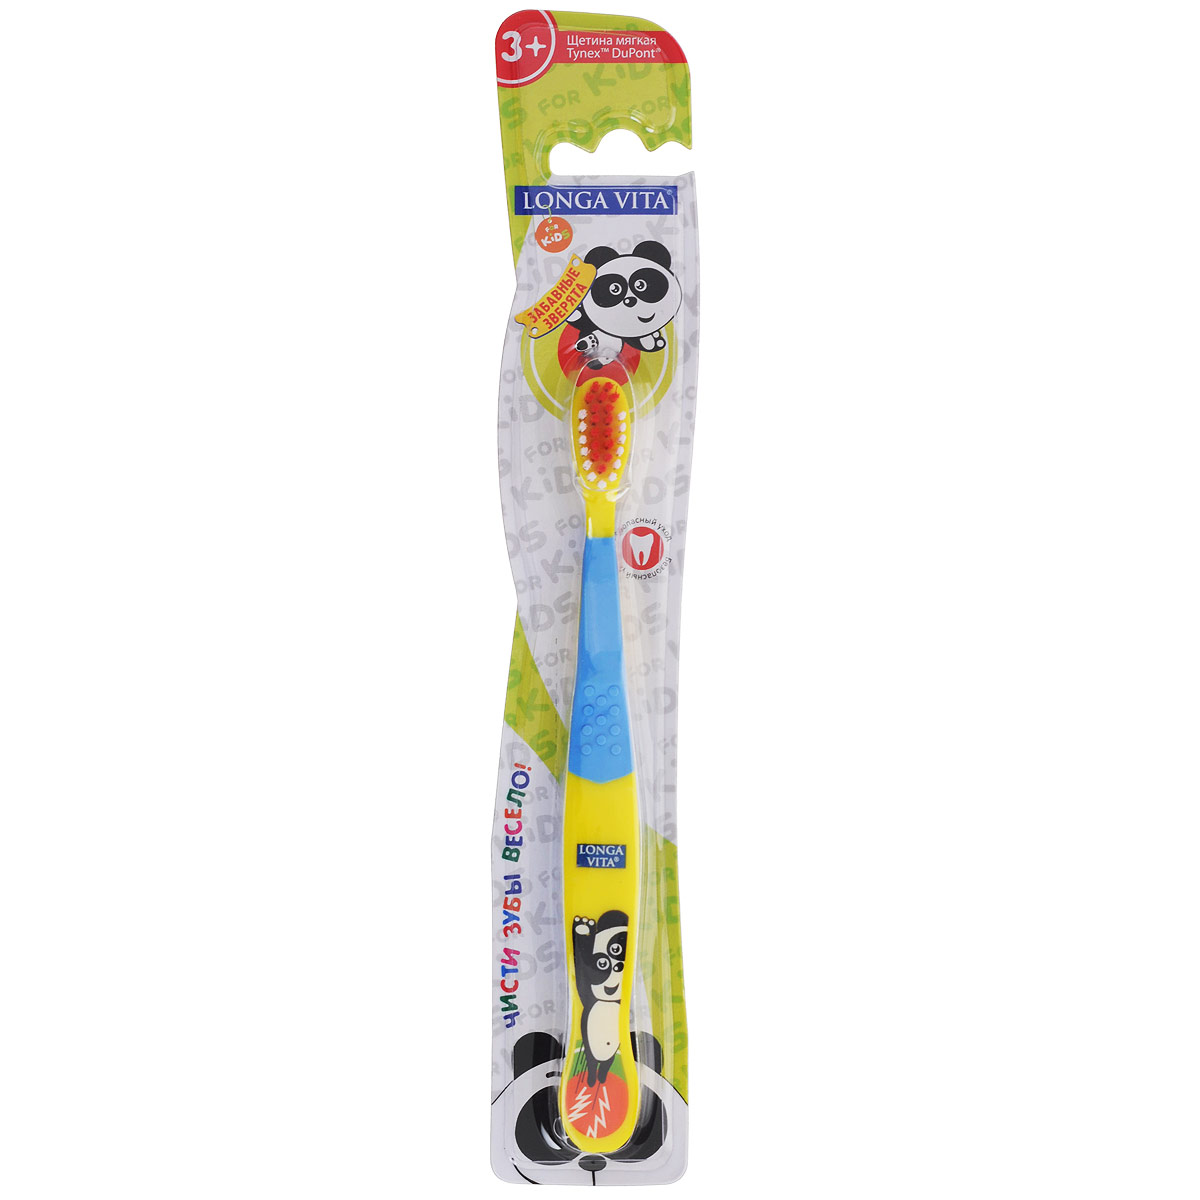 Детская зубная щетка Longa Vita Забавные зверята, цвет: желтый, голубой детская зубная щетка longa vita забавные зверята в ассортименте